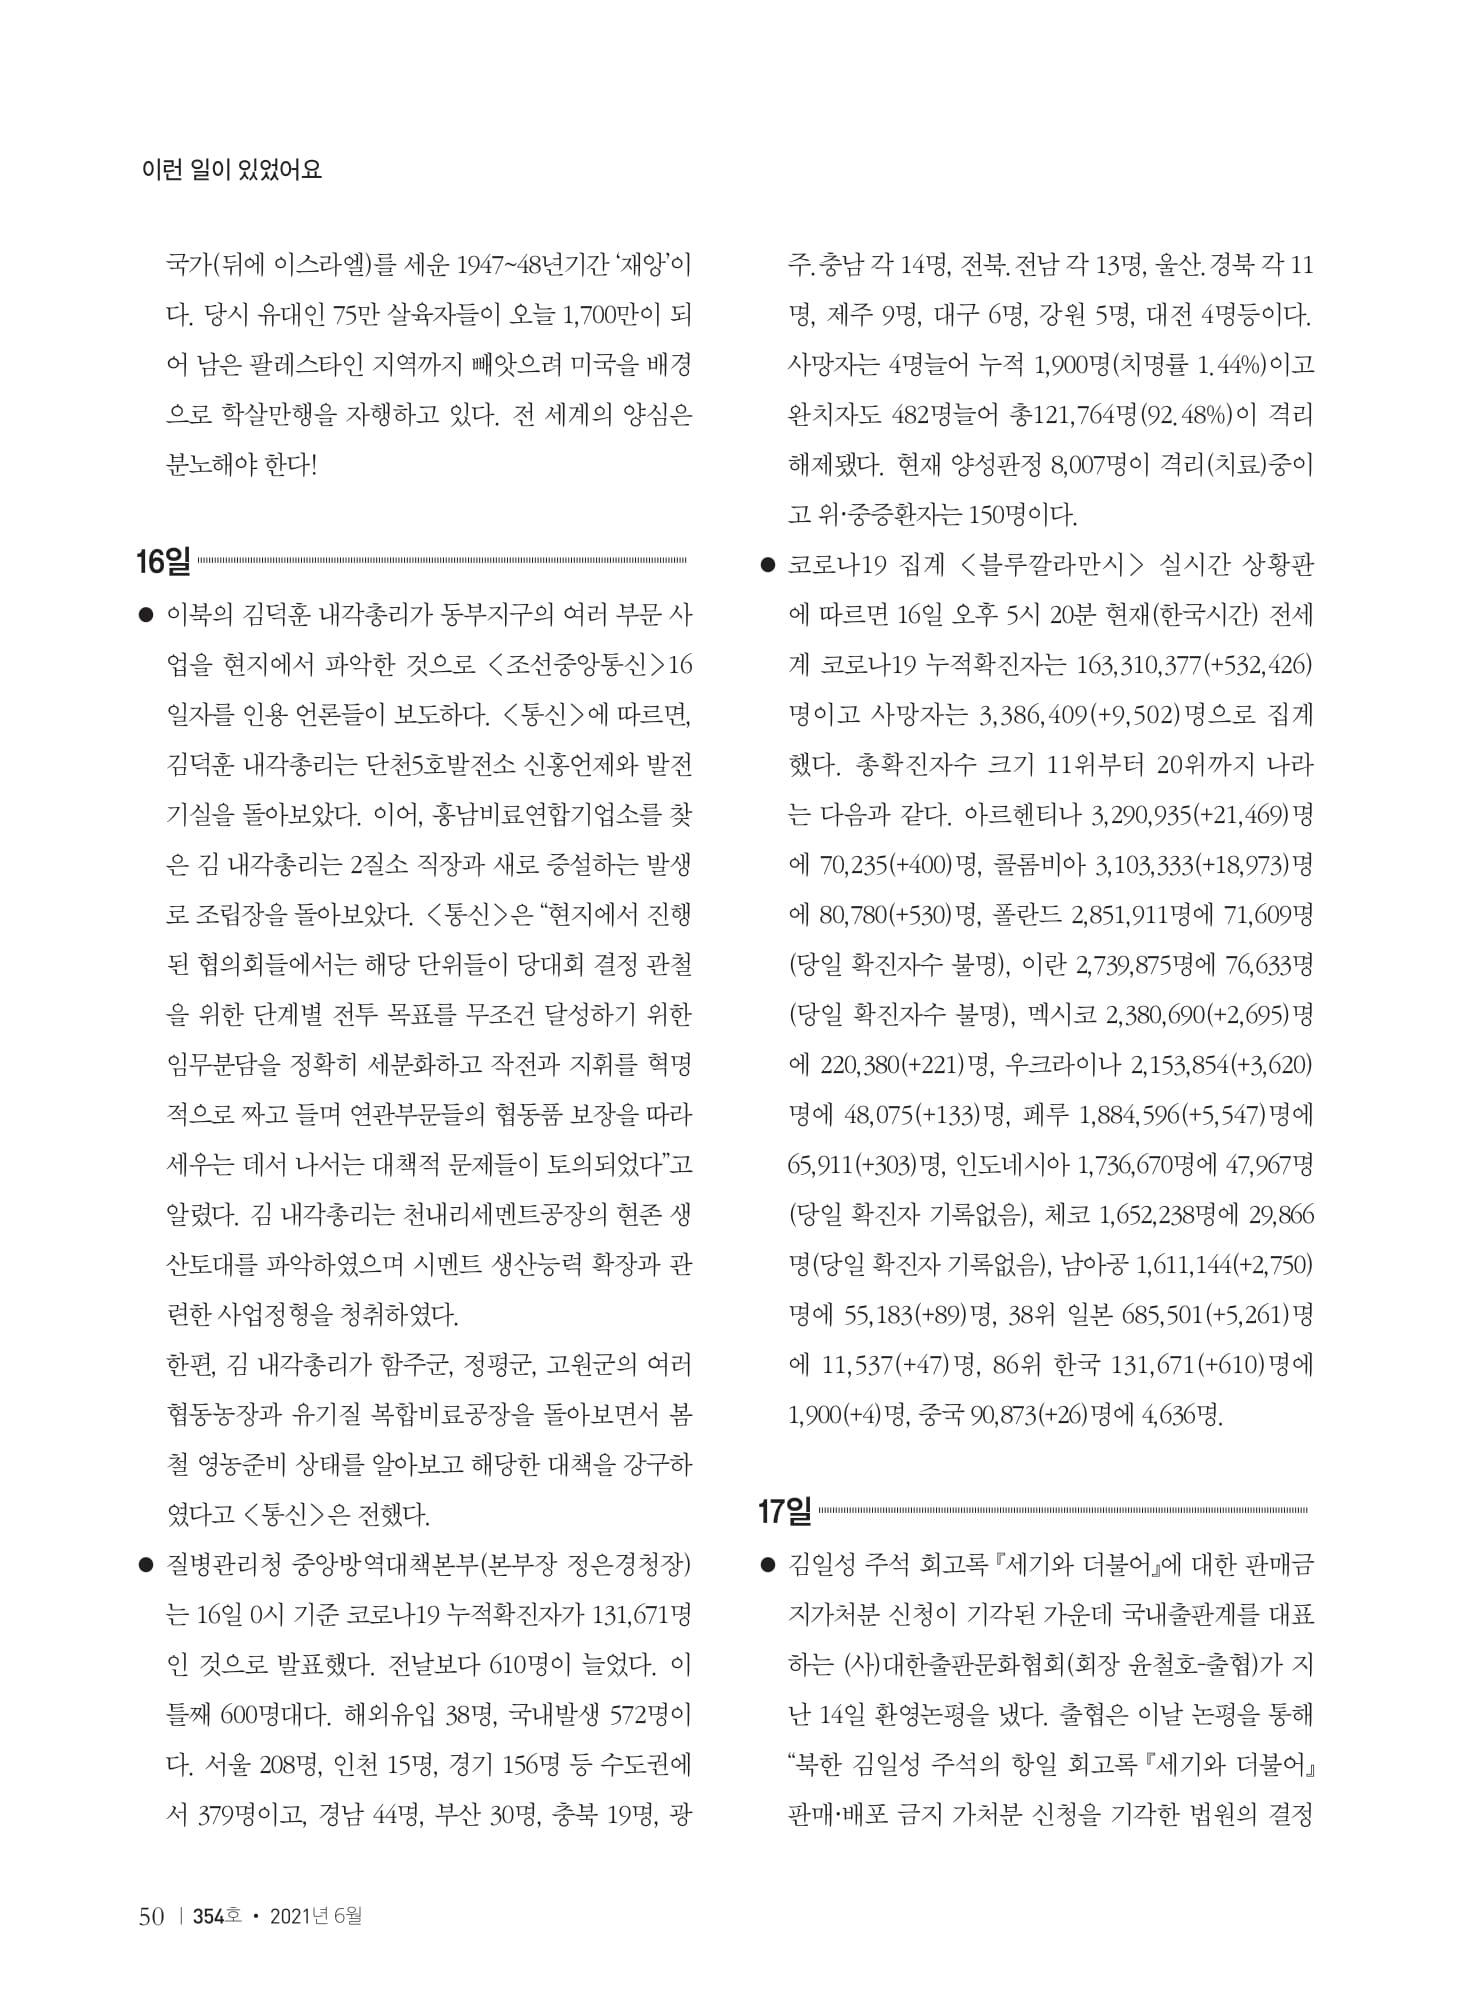 [양심수후원회] 소식지 354호 web 수정-52.jpg